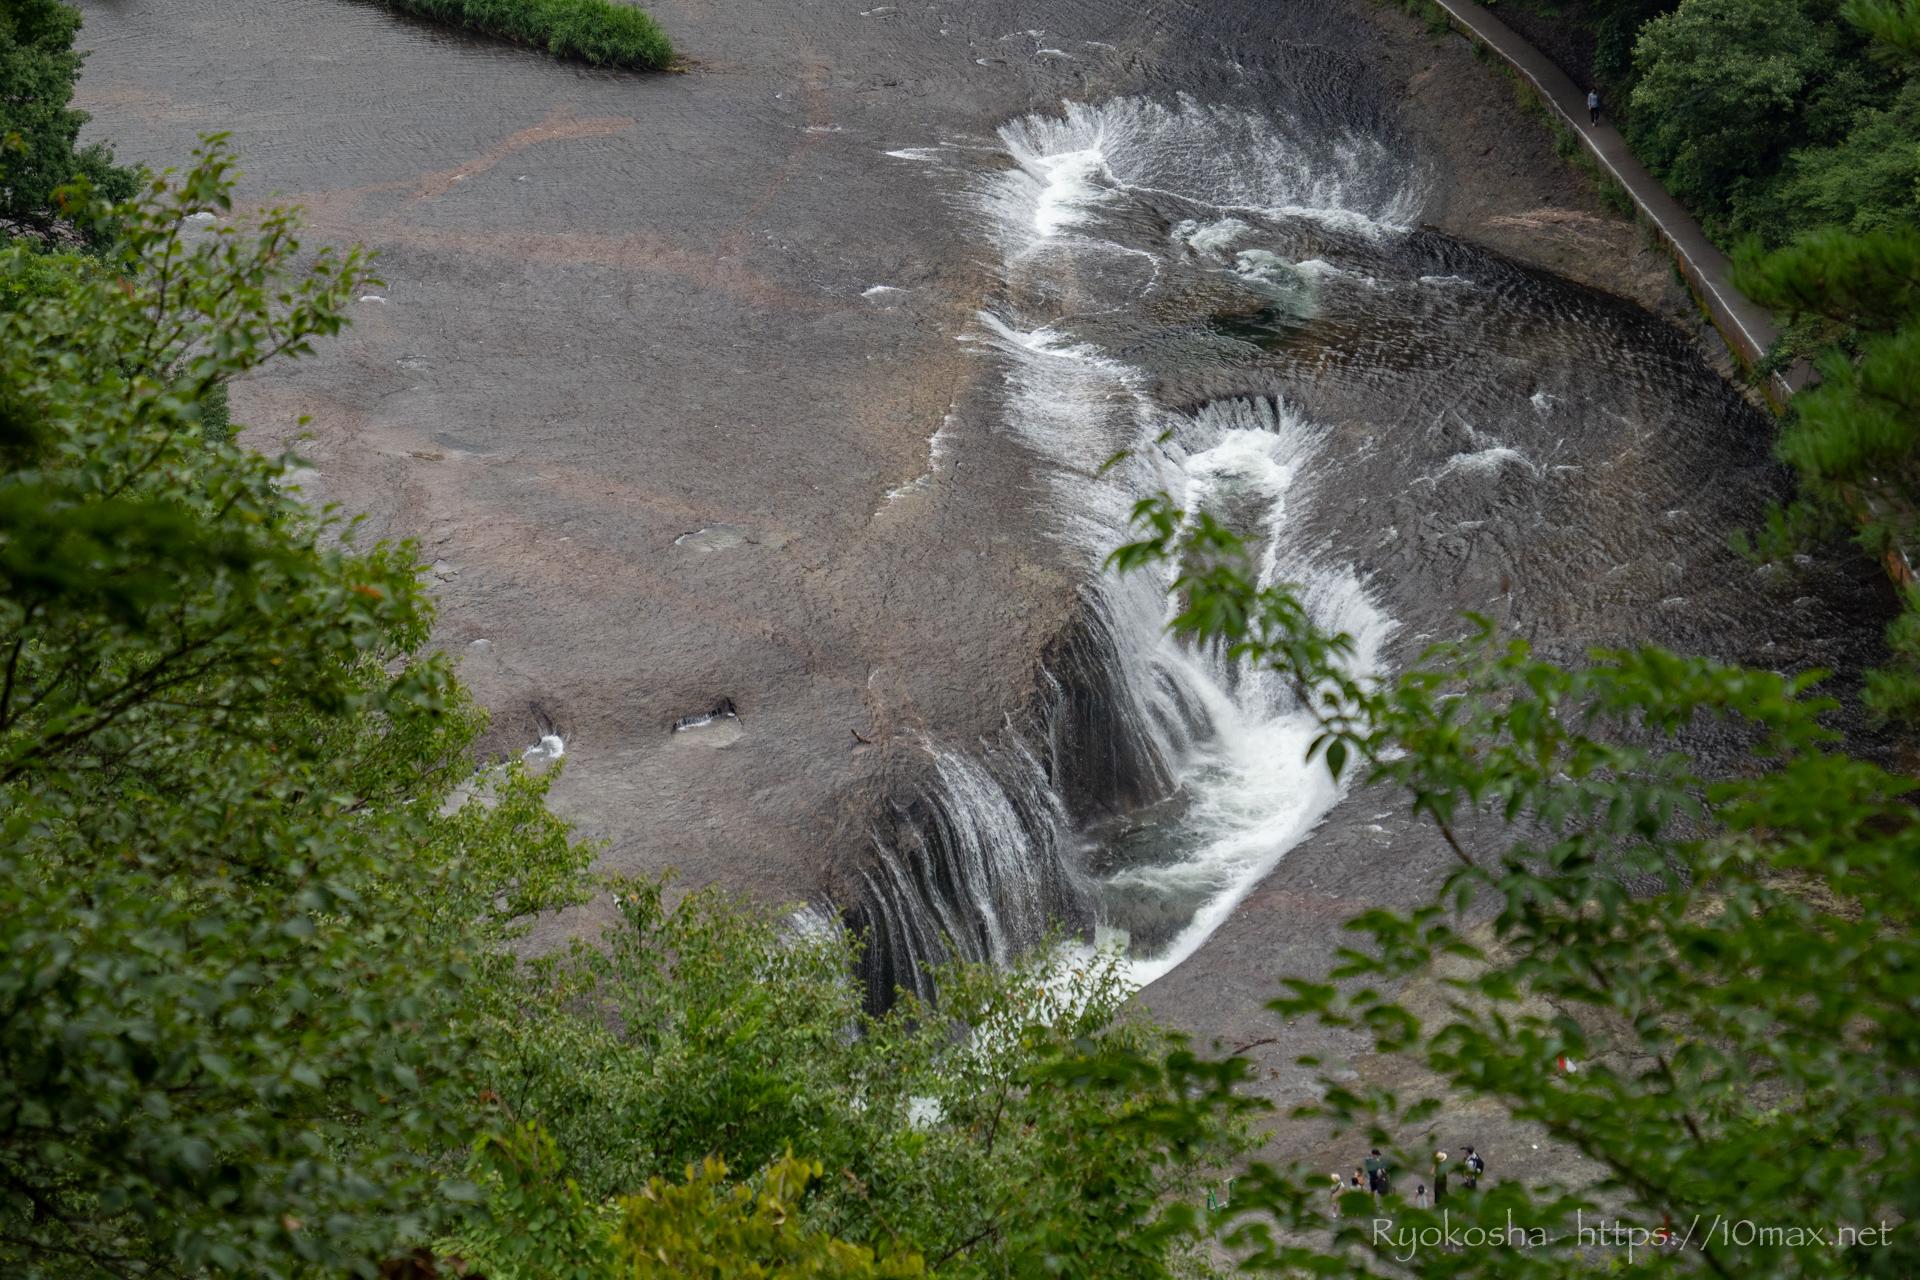 群馬県 沼田市 吹割の滝 東洋のナイアガラ 遊歩道 第一観瀑台